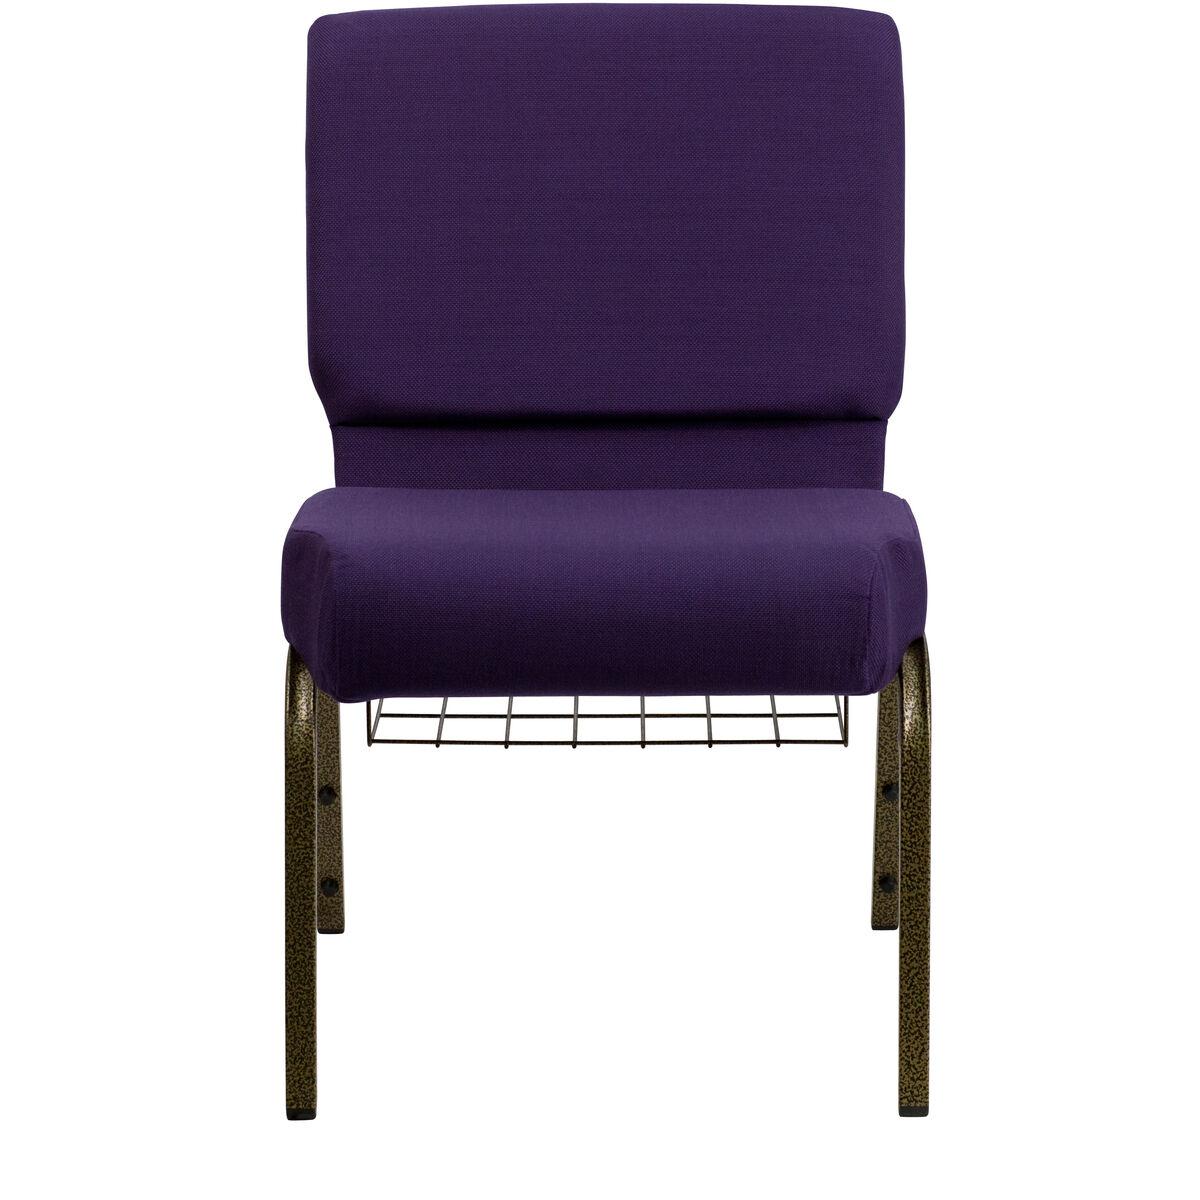 Purple Fabric Church Chair Fd Ch0221 4 Gv Roy Bas Gg